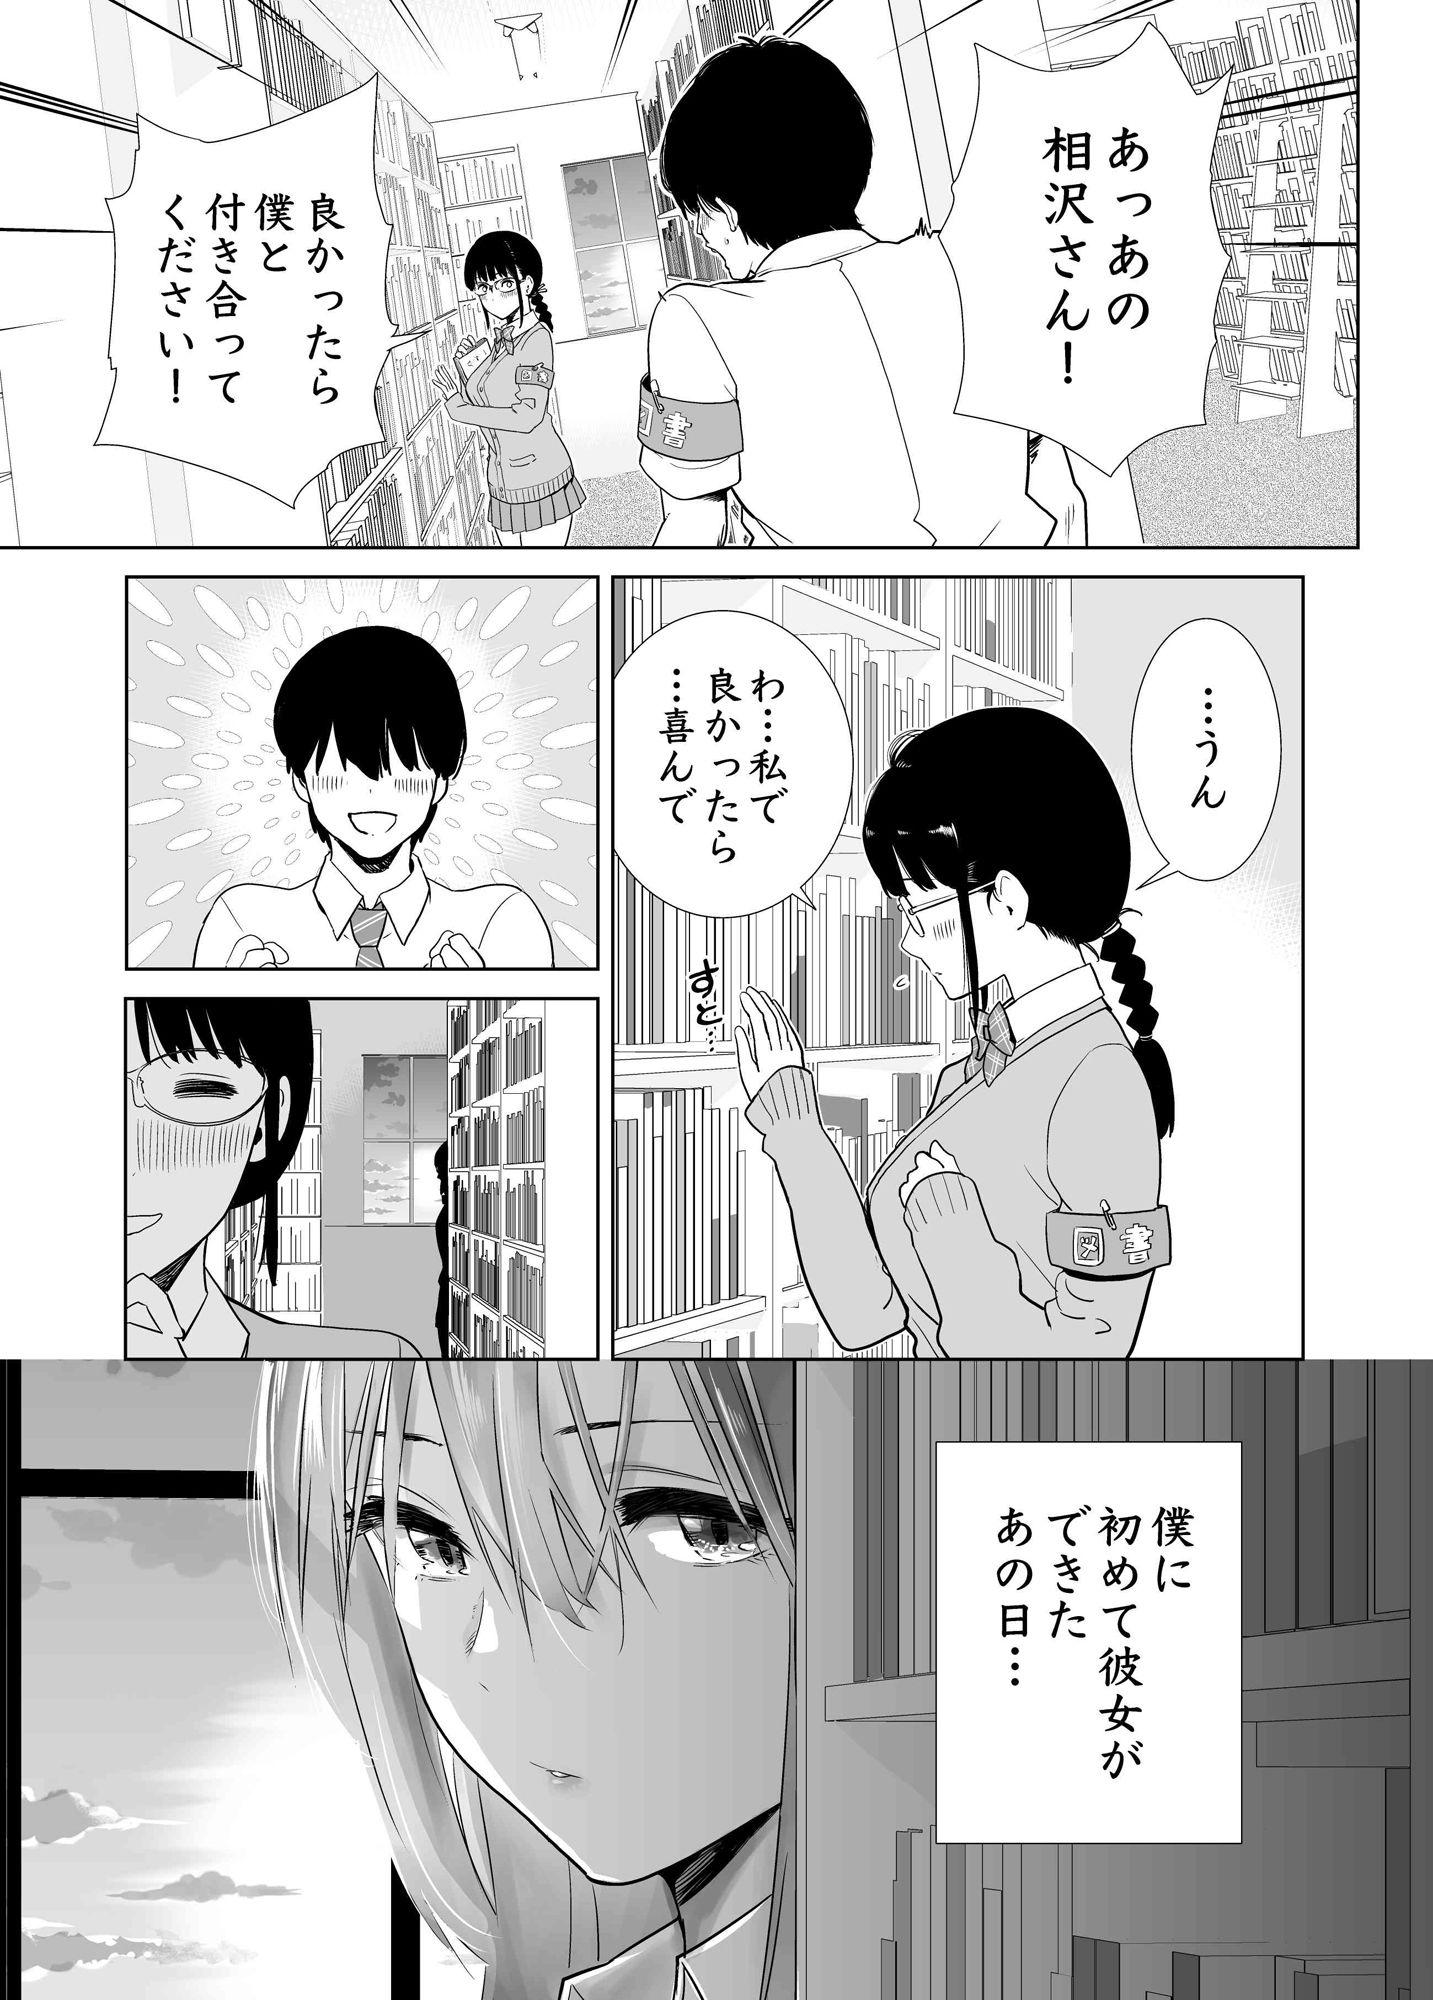 【エロ漫画無料大全集】はじめて彼女ができたのに、幼馴染のお姉ちゃんが突然…